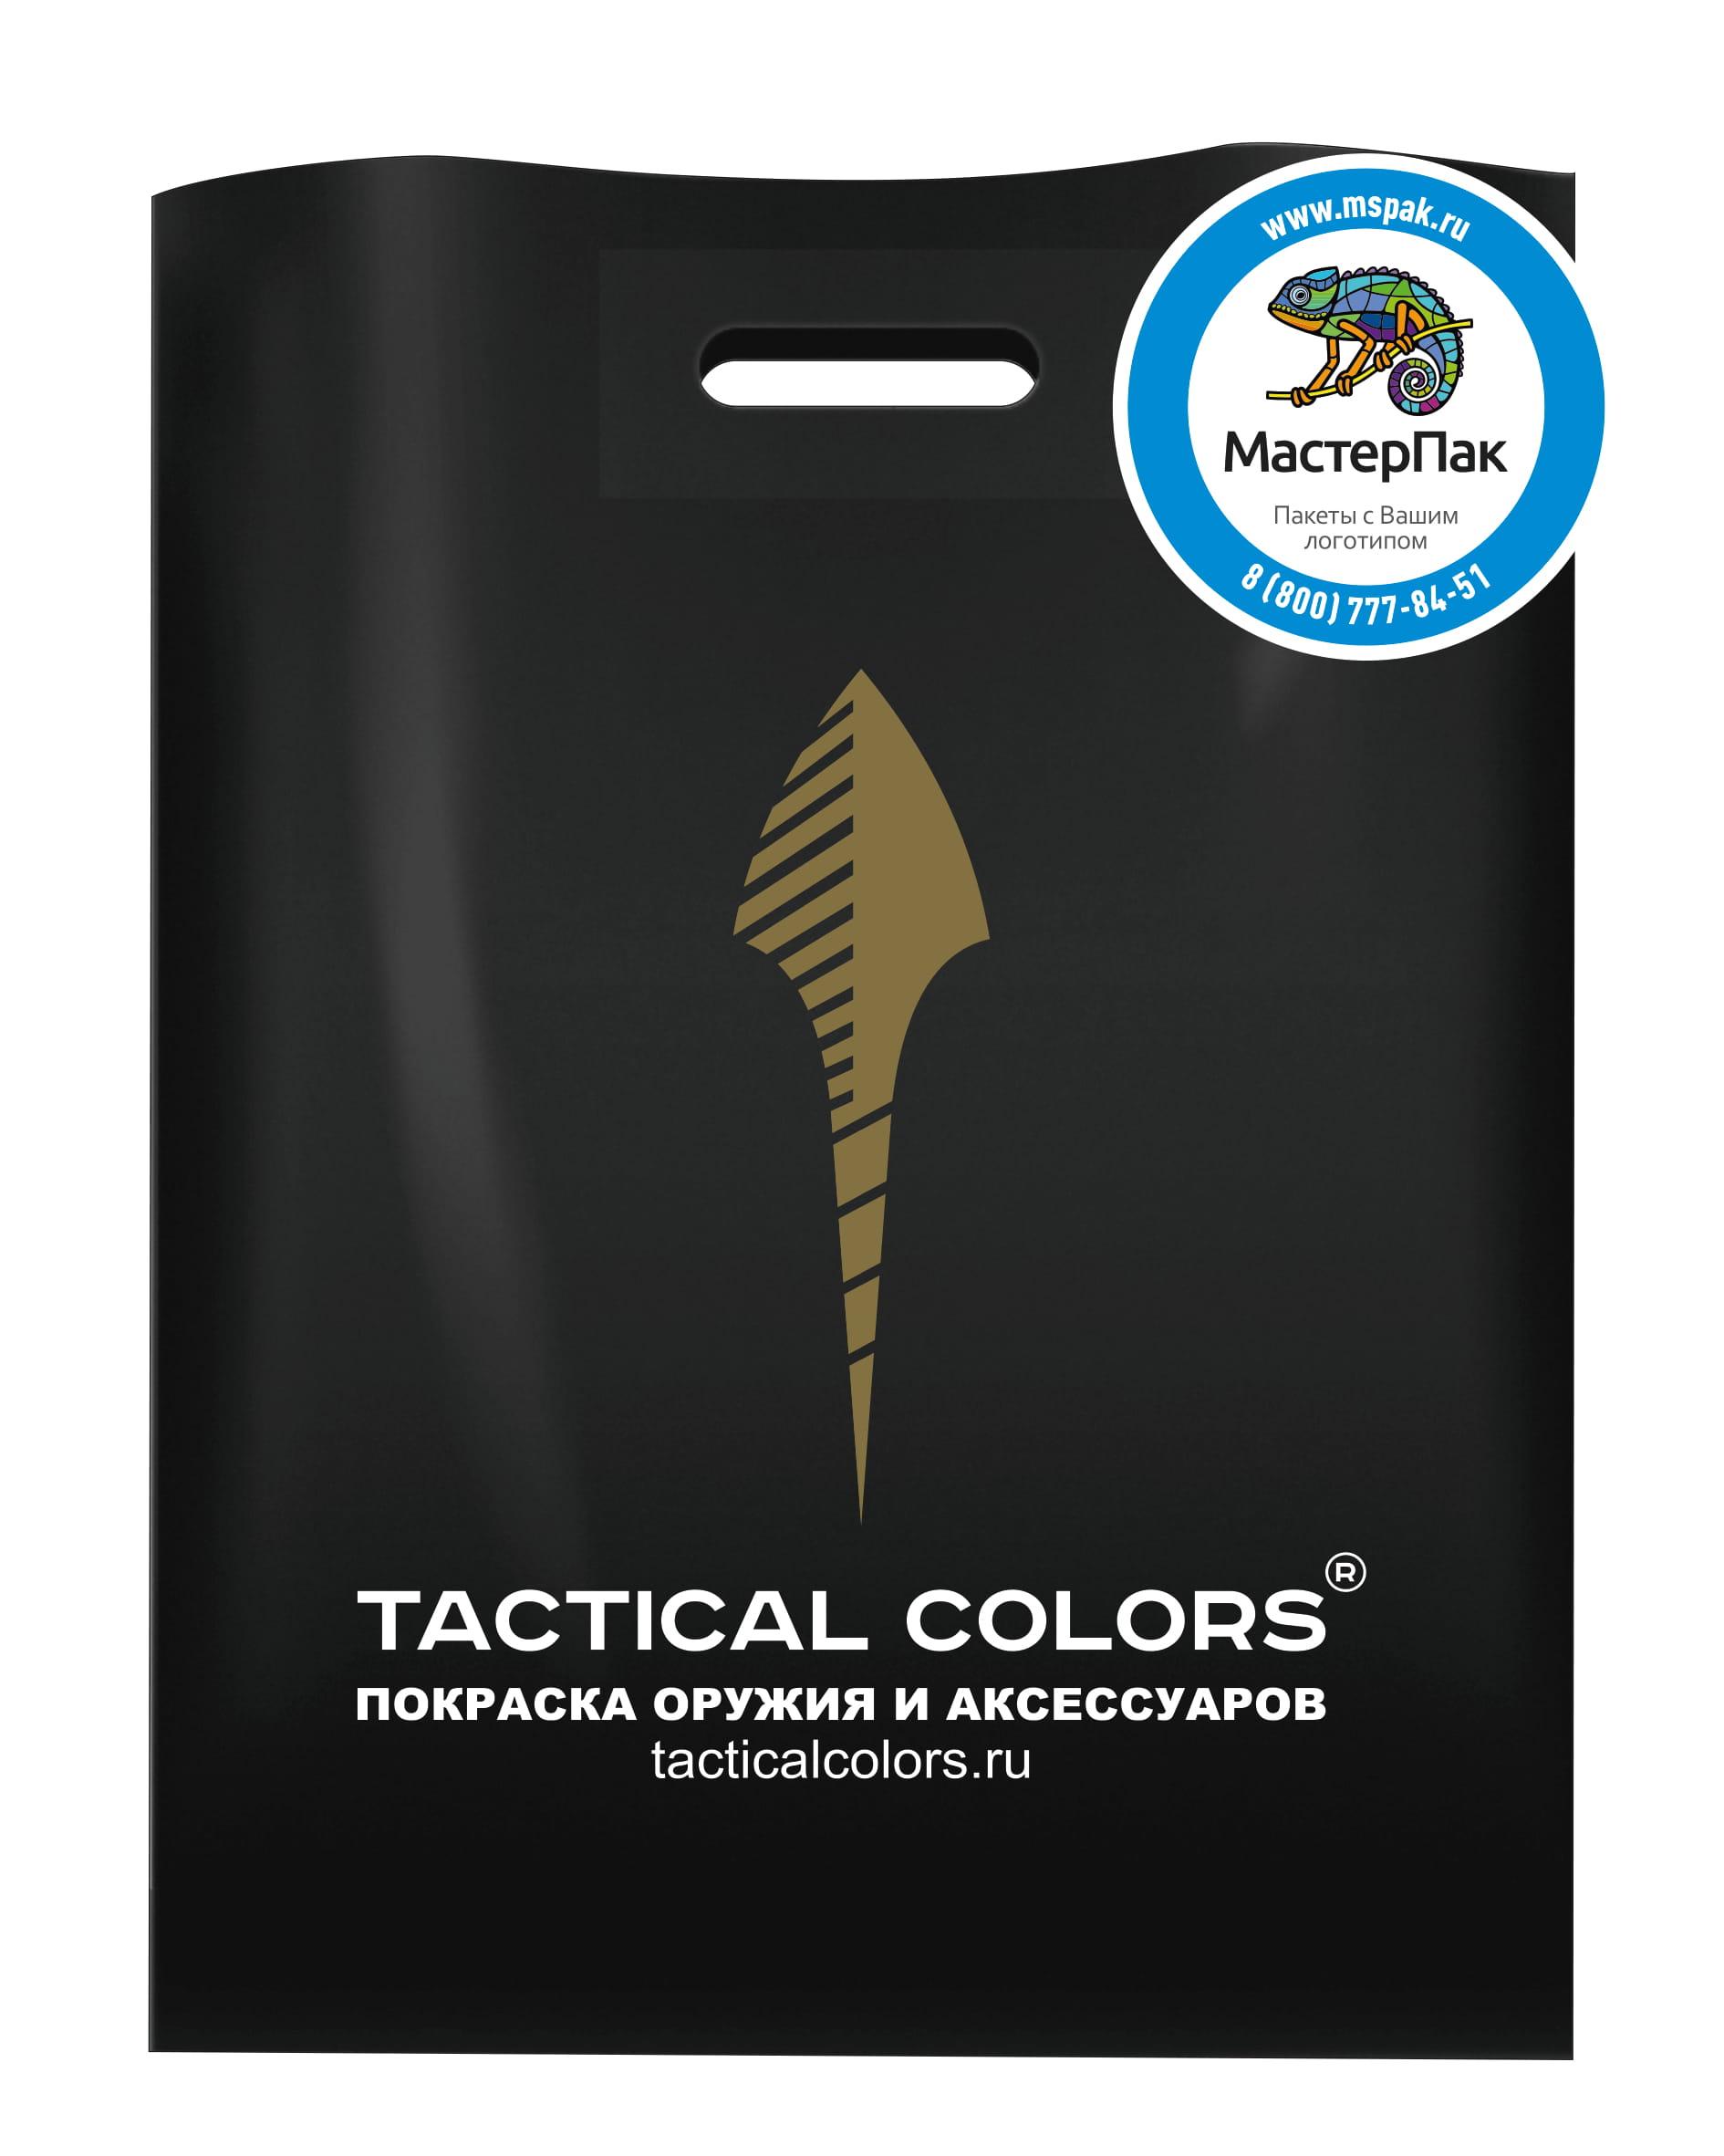 Пакет ПВД с логотипом Tactical Colors, Санкт-Петербург, черный